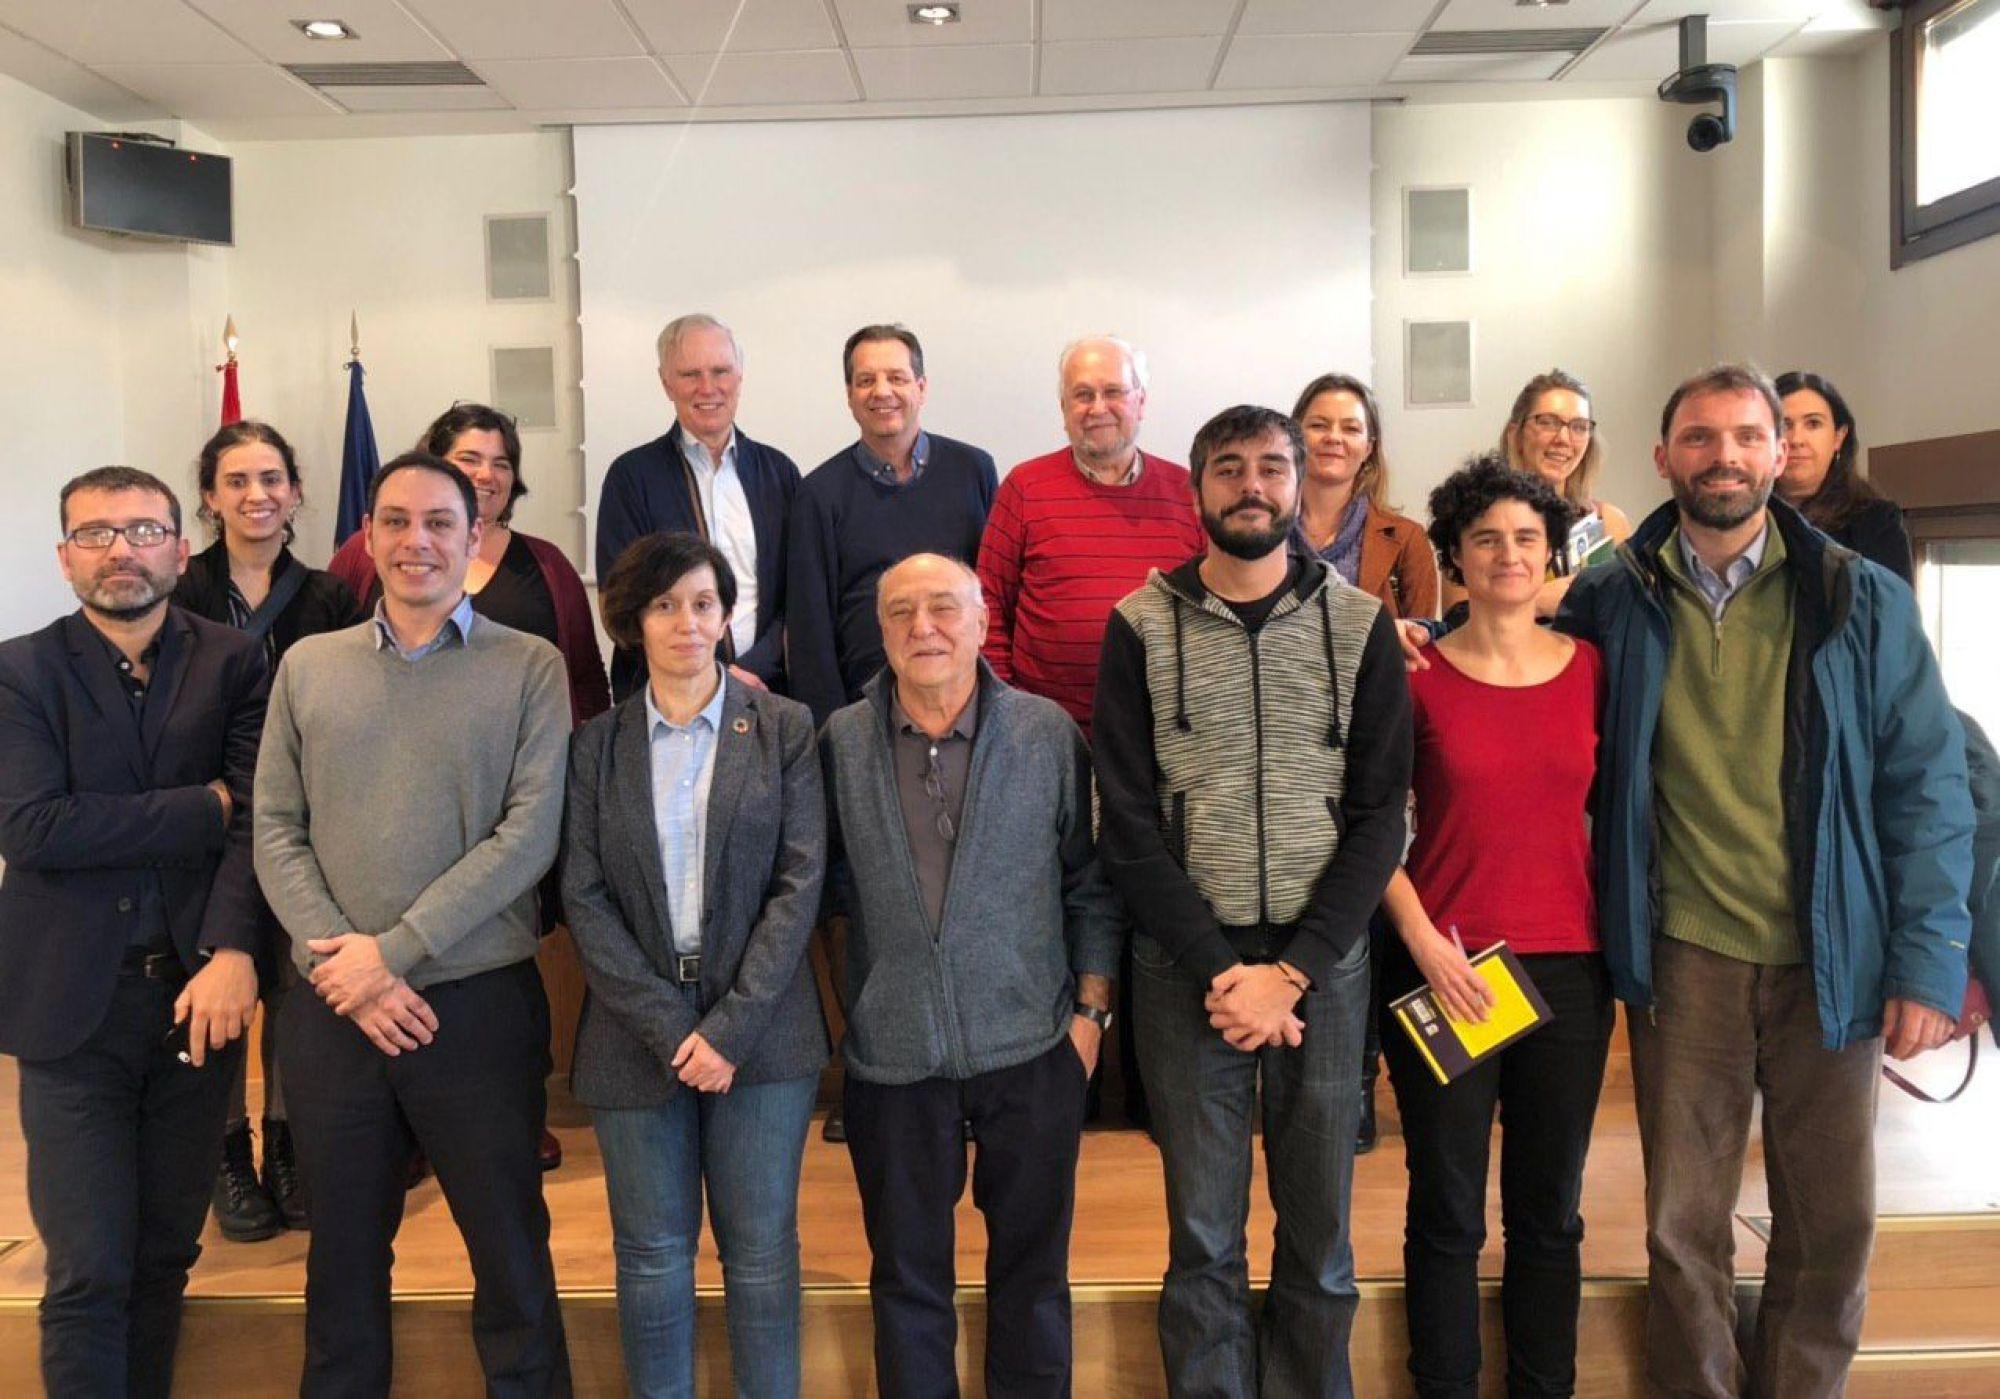 La Plataforma por la Justicia Fiscal participa en una reunión de la sociedad civil con el Relator de la ONU sobre Pobreza Extrema